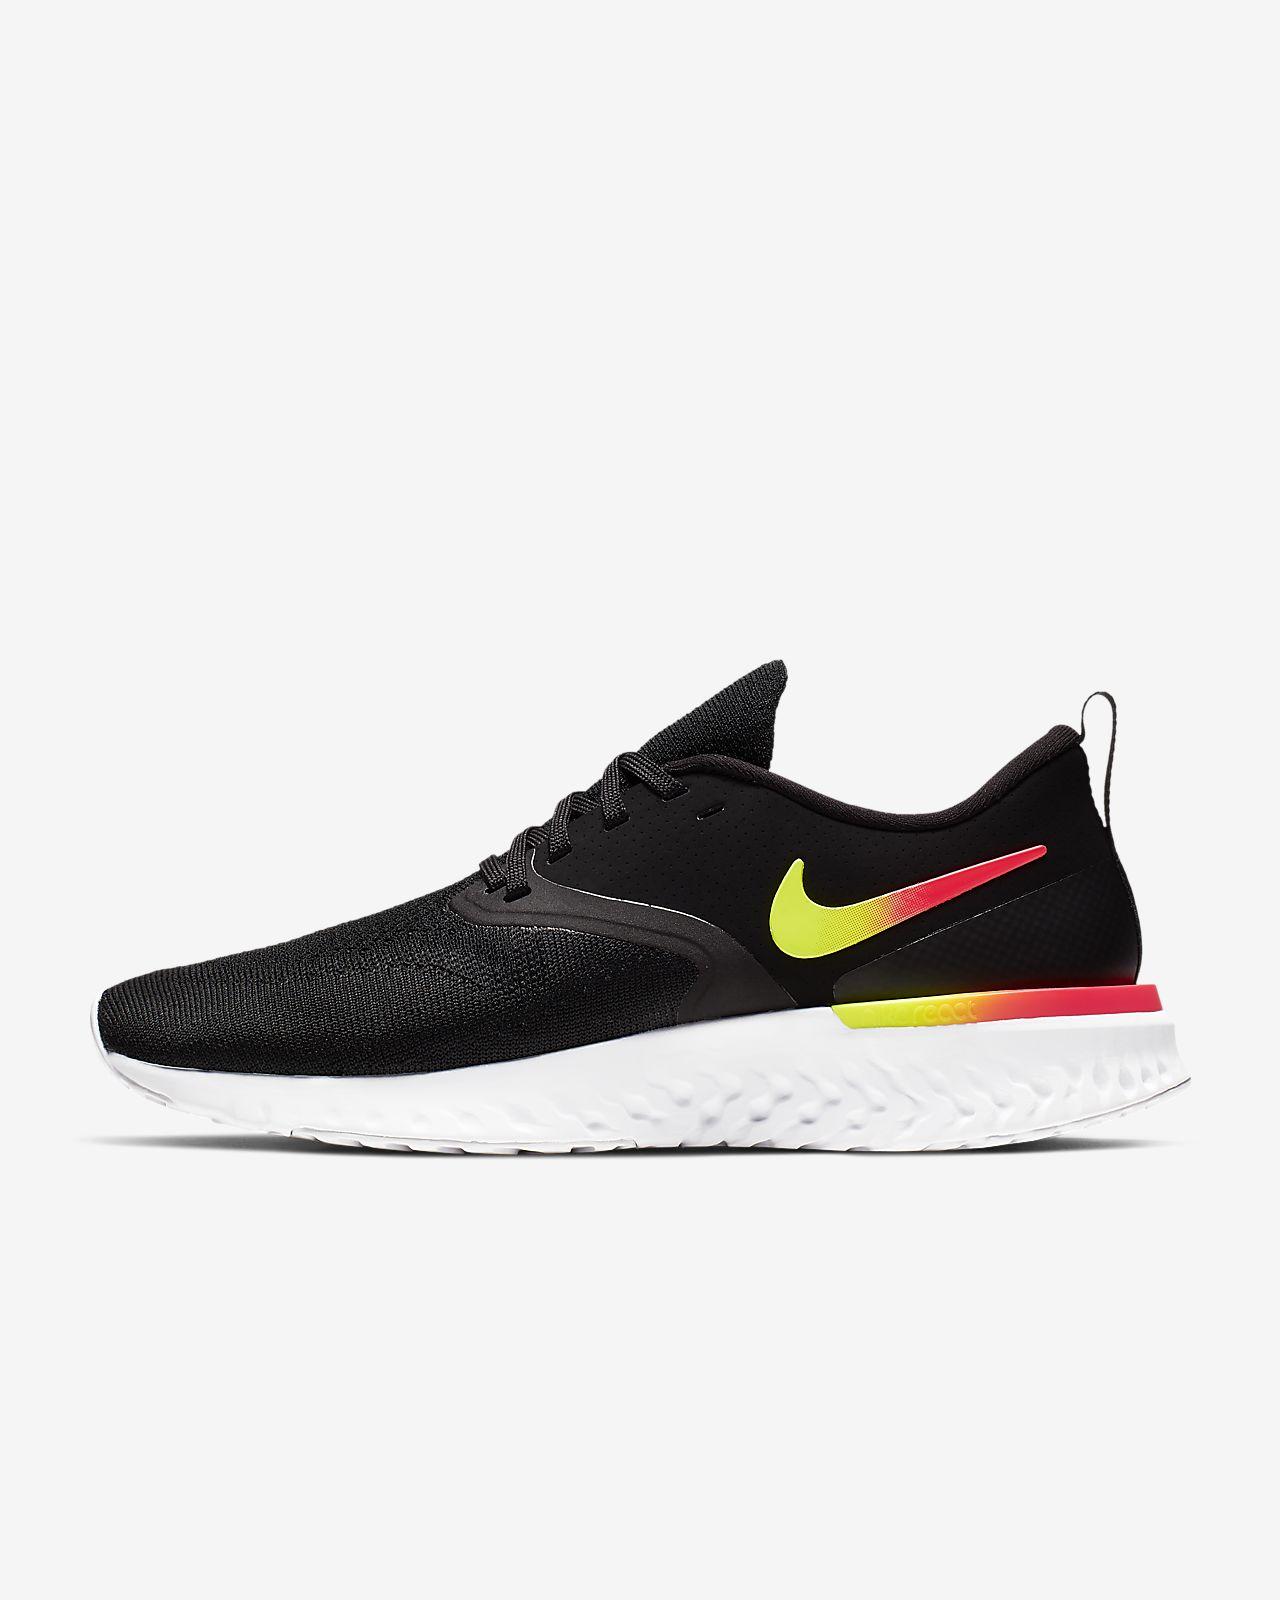 2574e5e4 2 Running De Flyknit React MujerEs Nike Zapatillas Odyssey 4RL53Aj